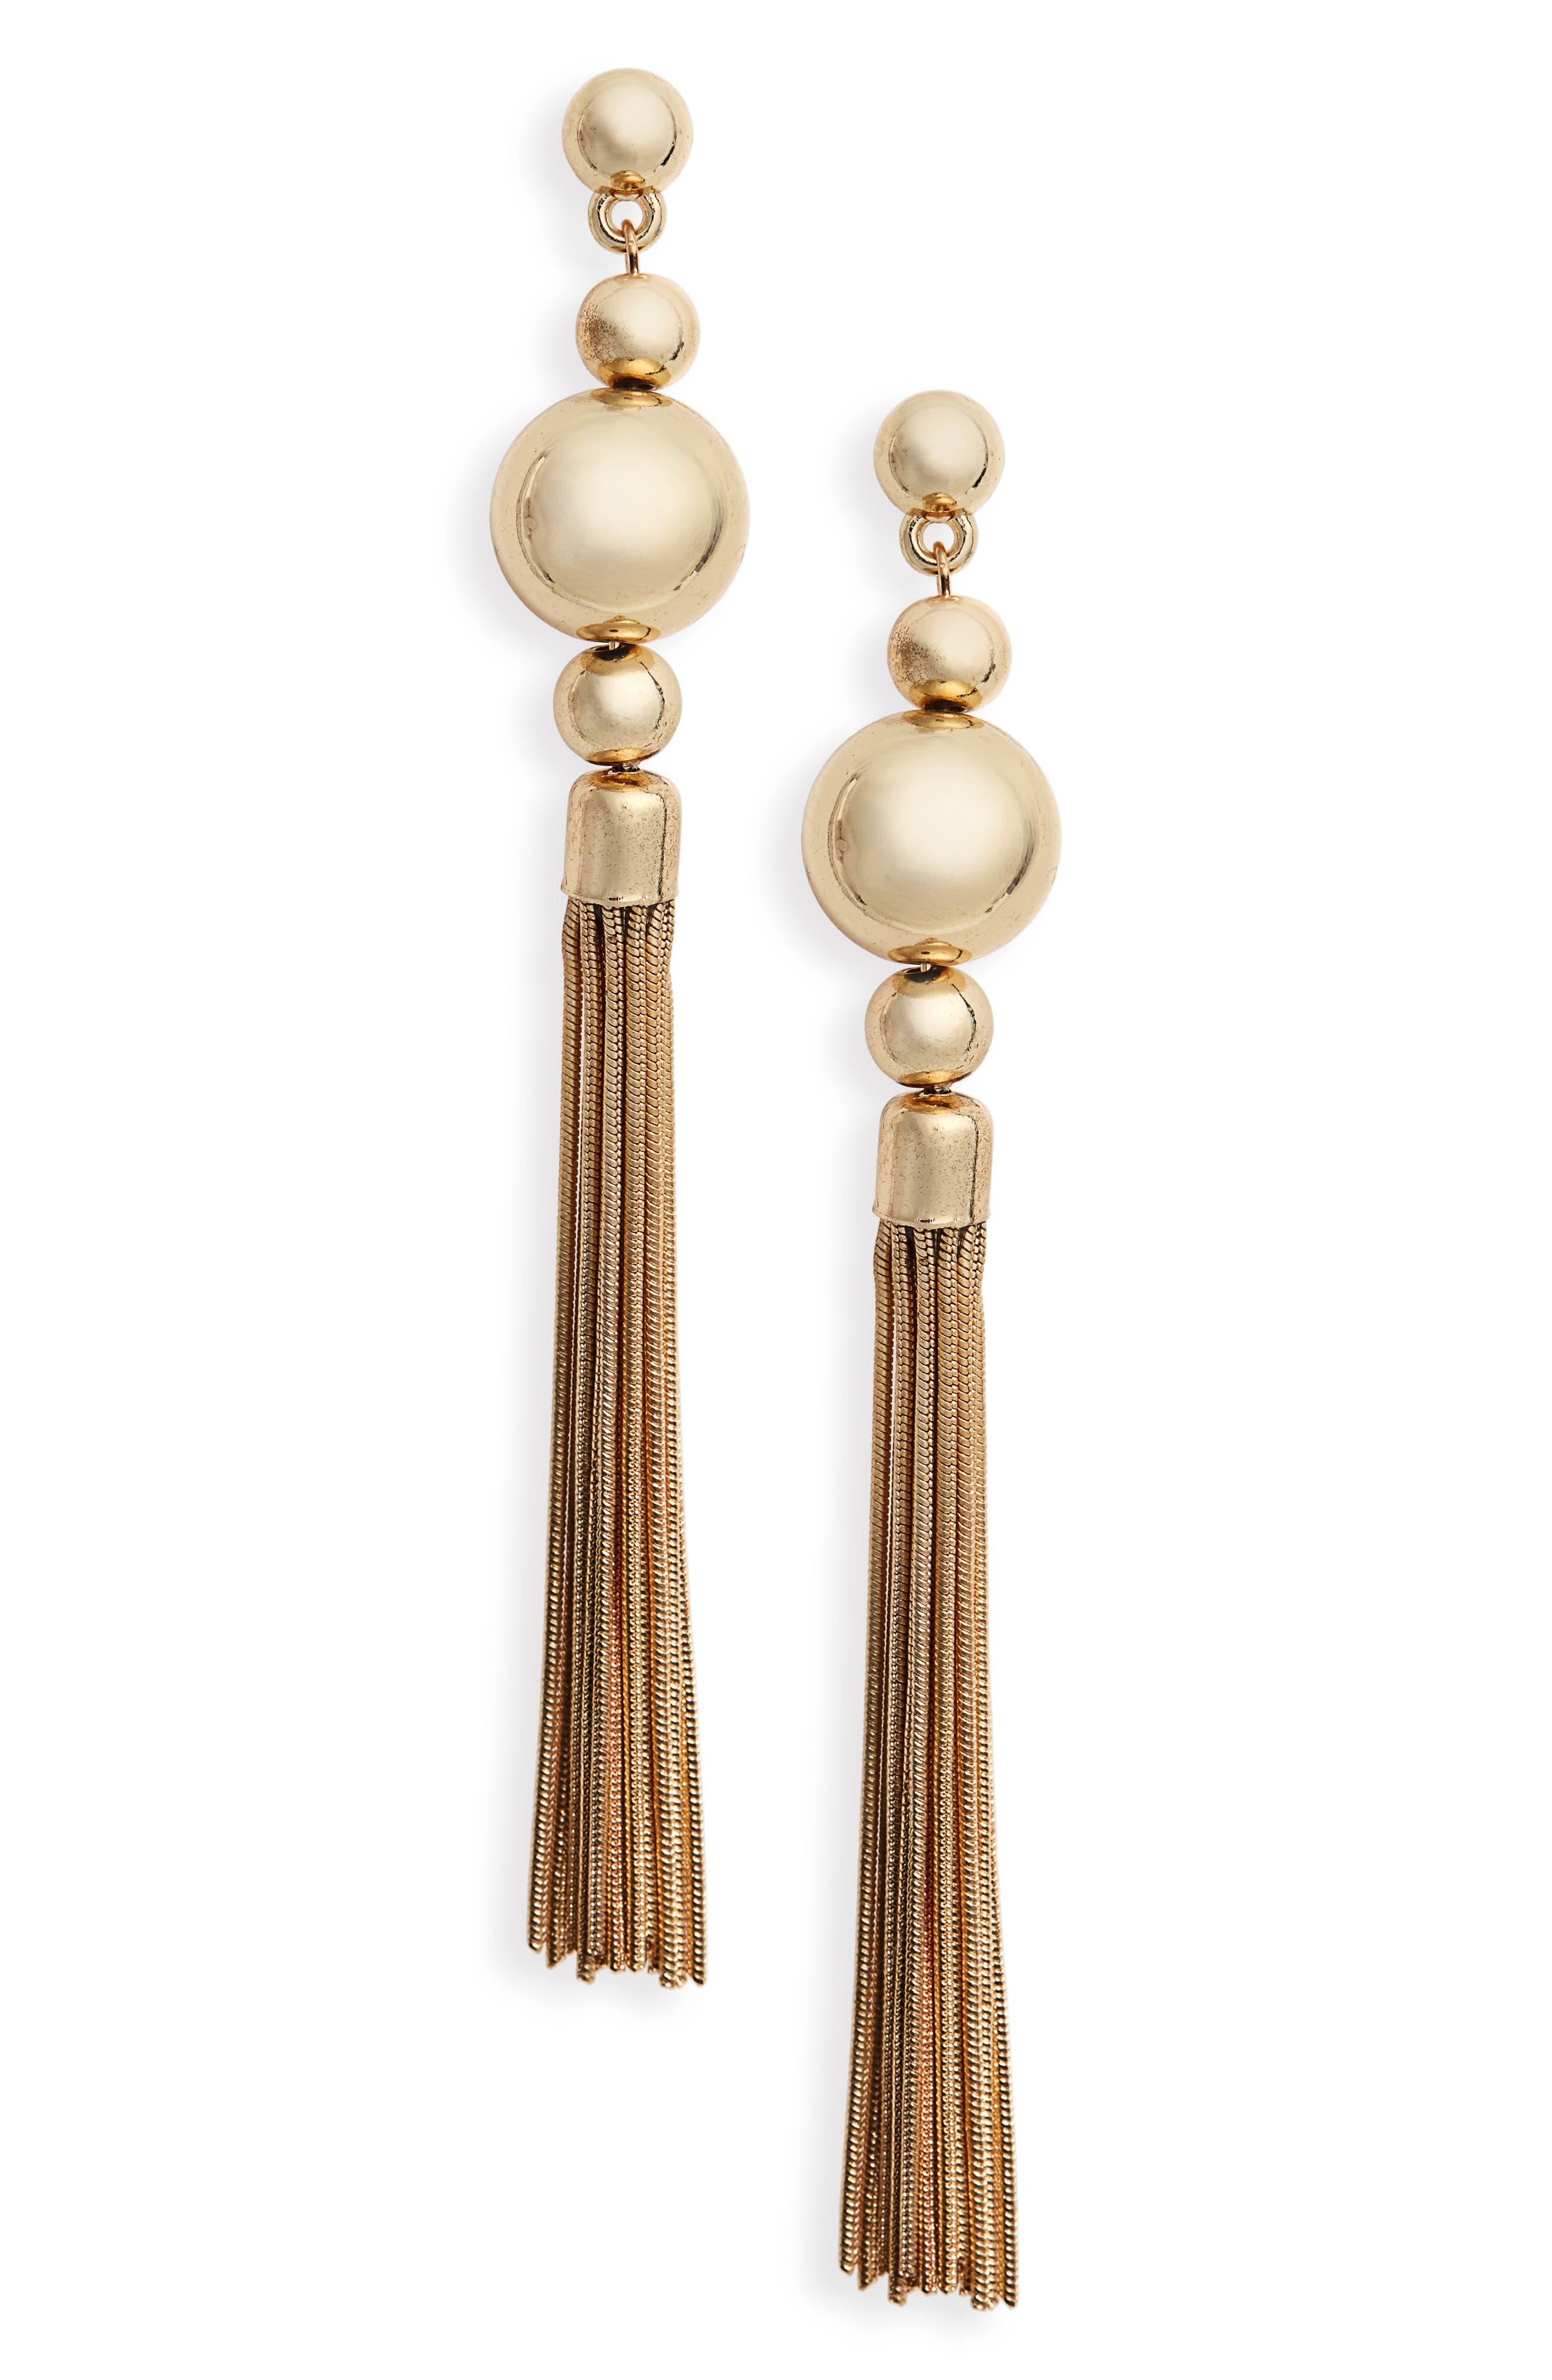 Ball Snake Chain Tassel Earrings,                         Main,                         color, 710